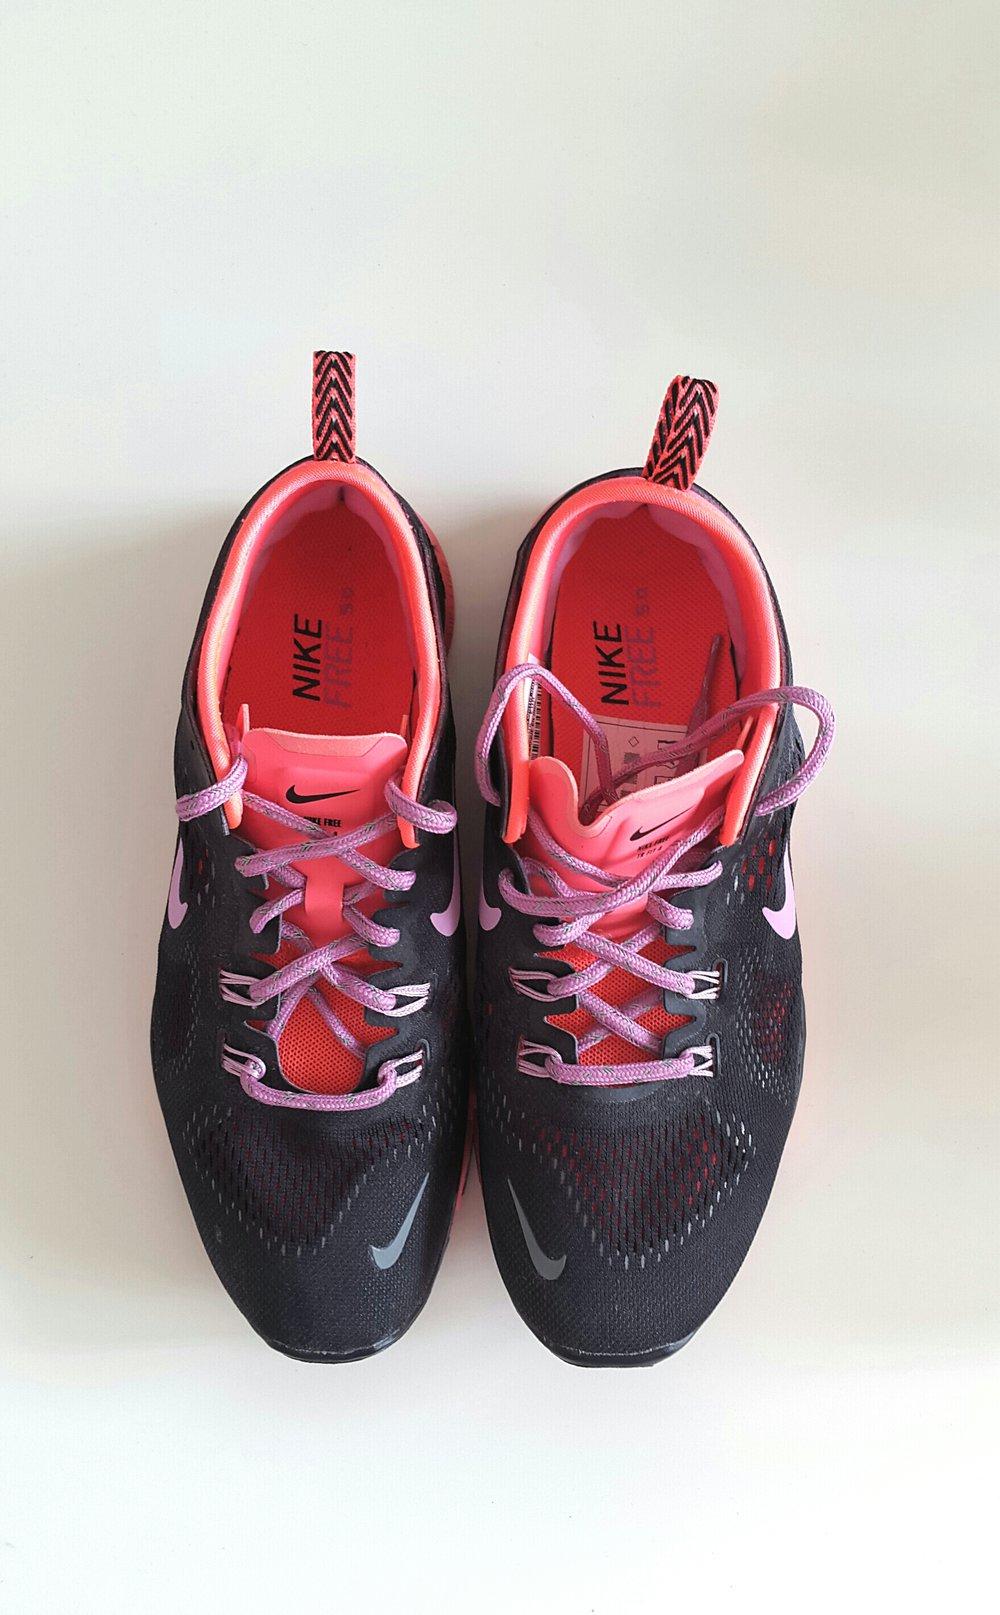 0 Schwarzneonfarben Nike Sneaker 5 Free 8wmNn0